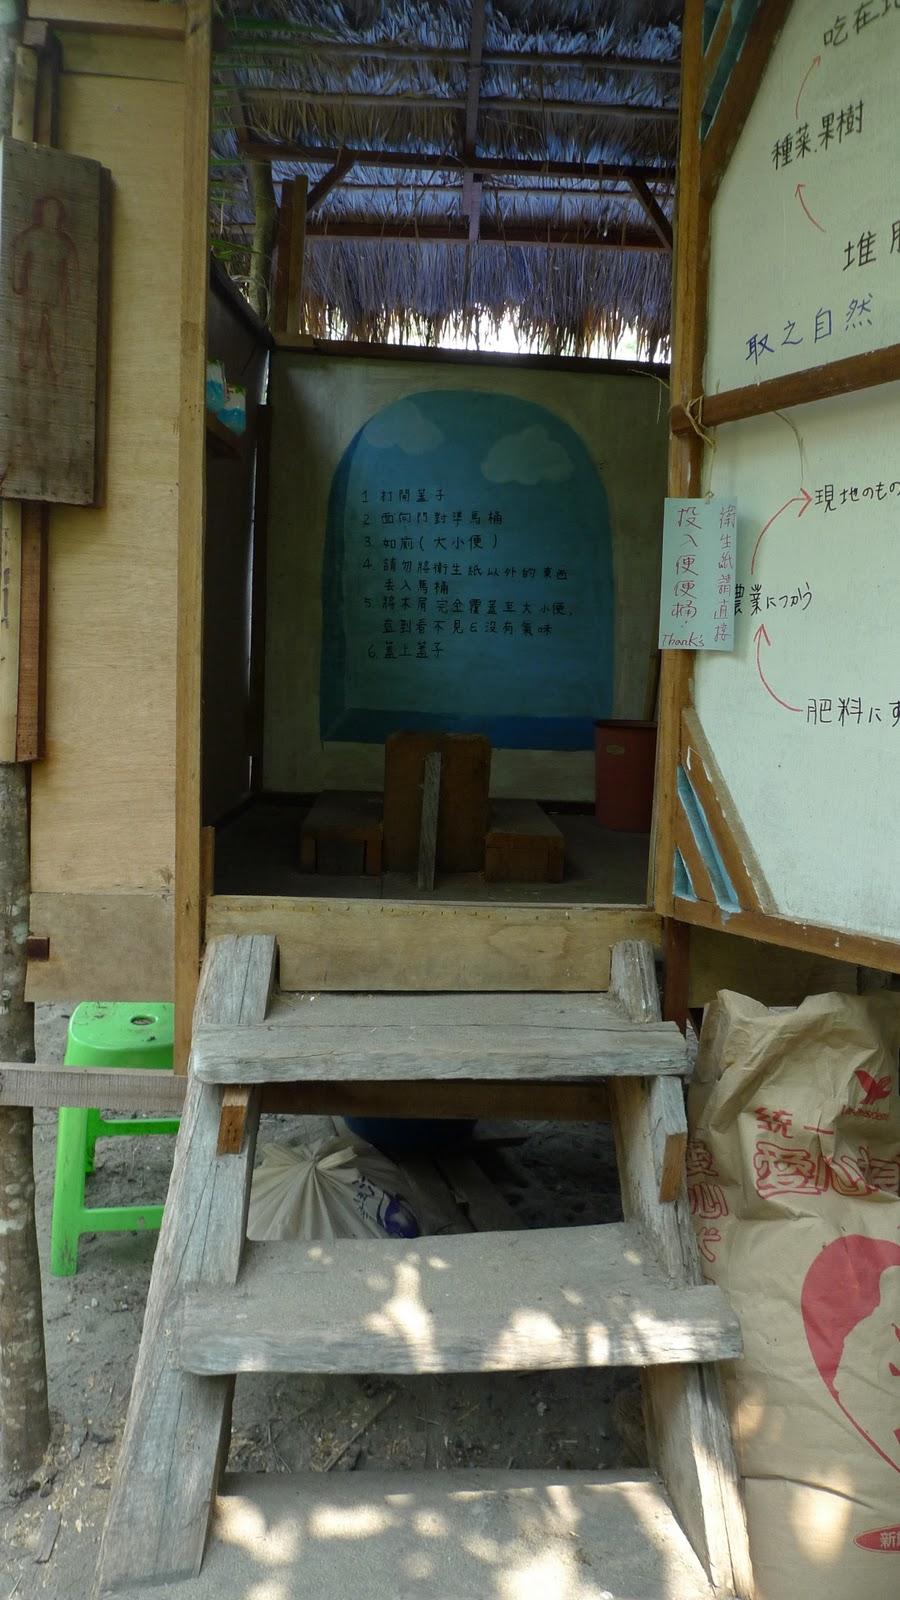 在地資源染: 到別人家取經(三):刺桐部落生態廁所